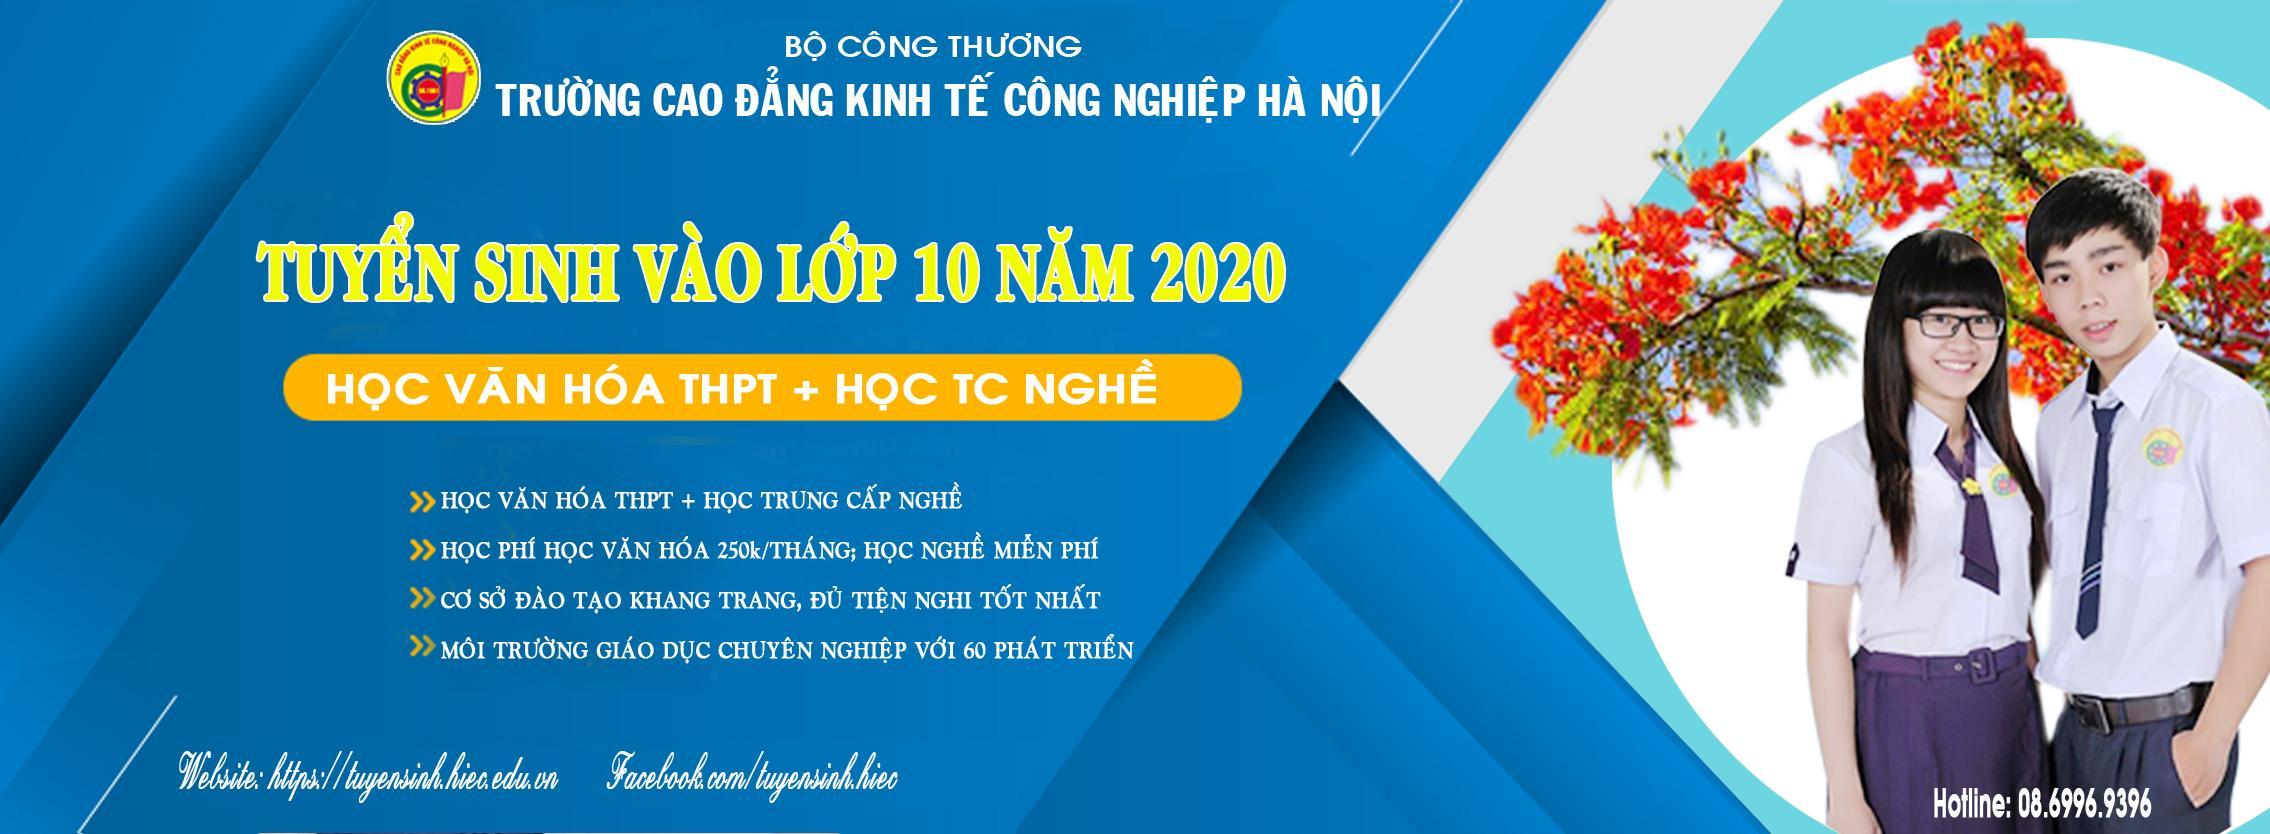 Thông báo tuyển sinh vào lớp 10 năm 2020